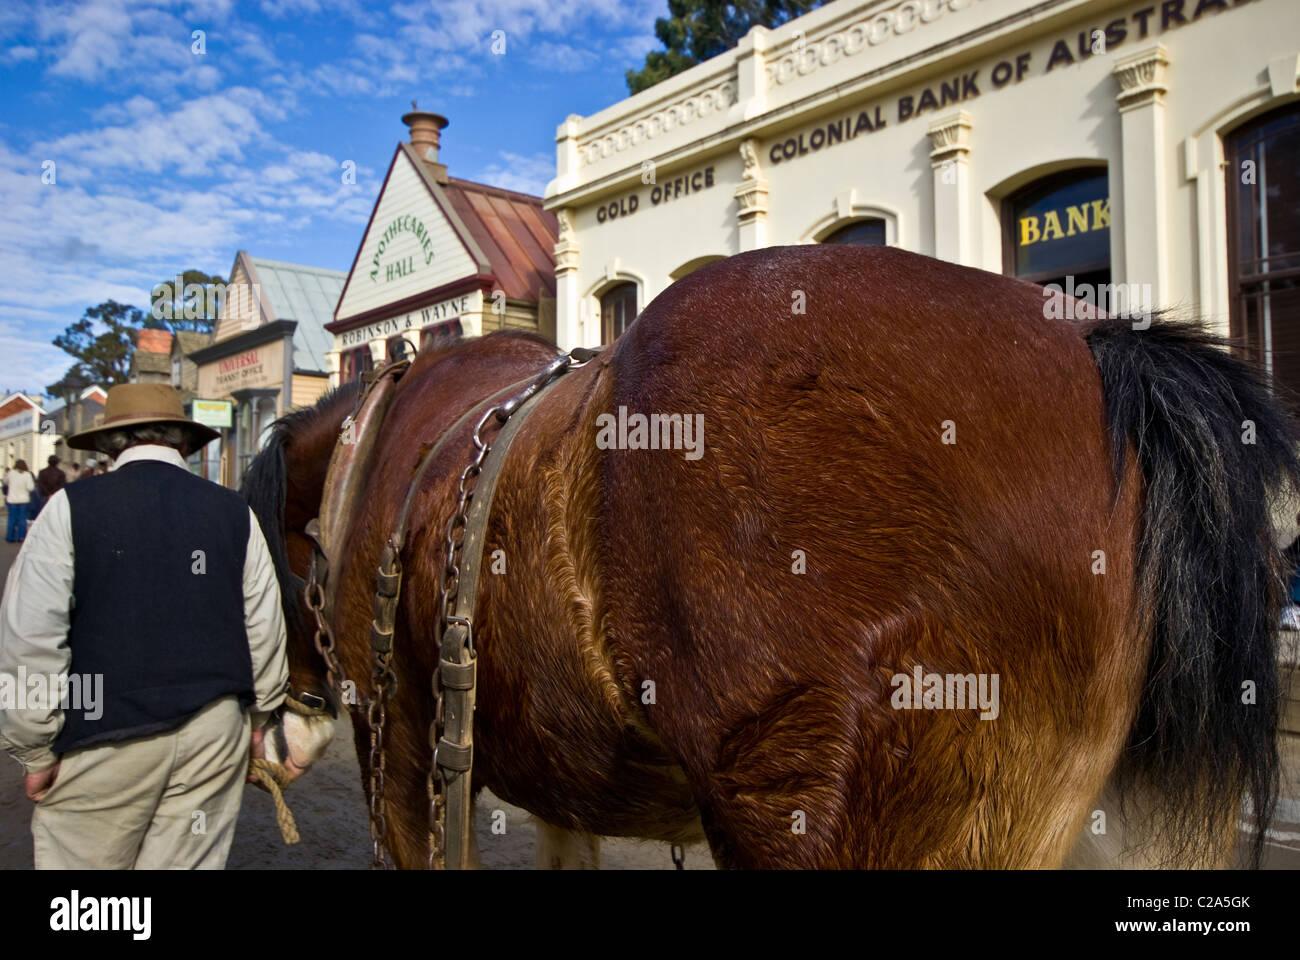 Australian Street Photography Stock Photos & Australian